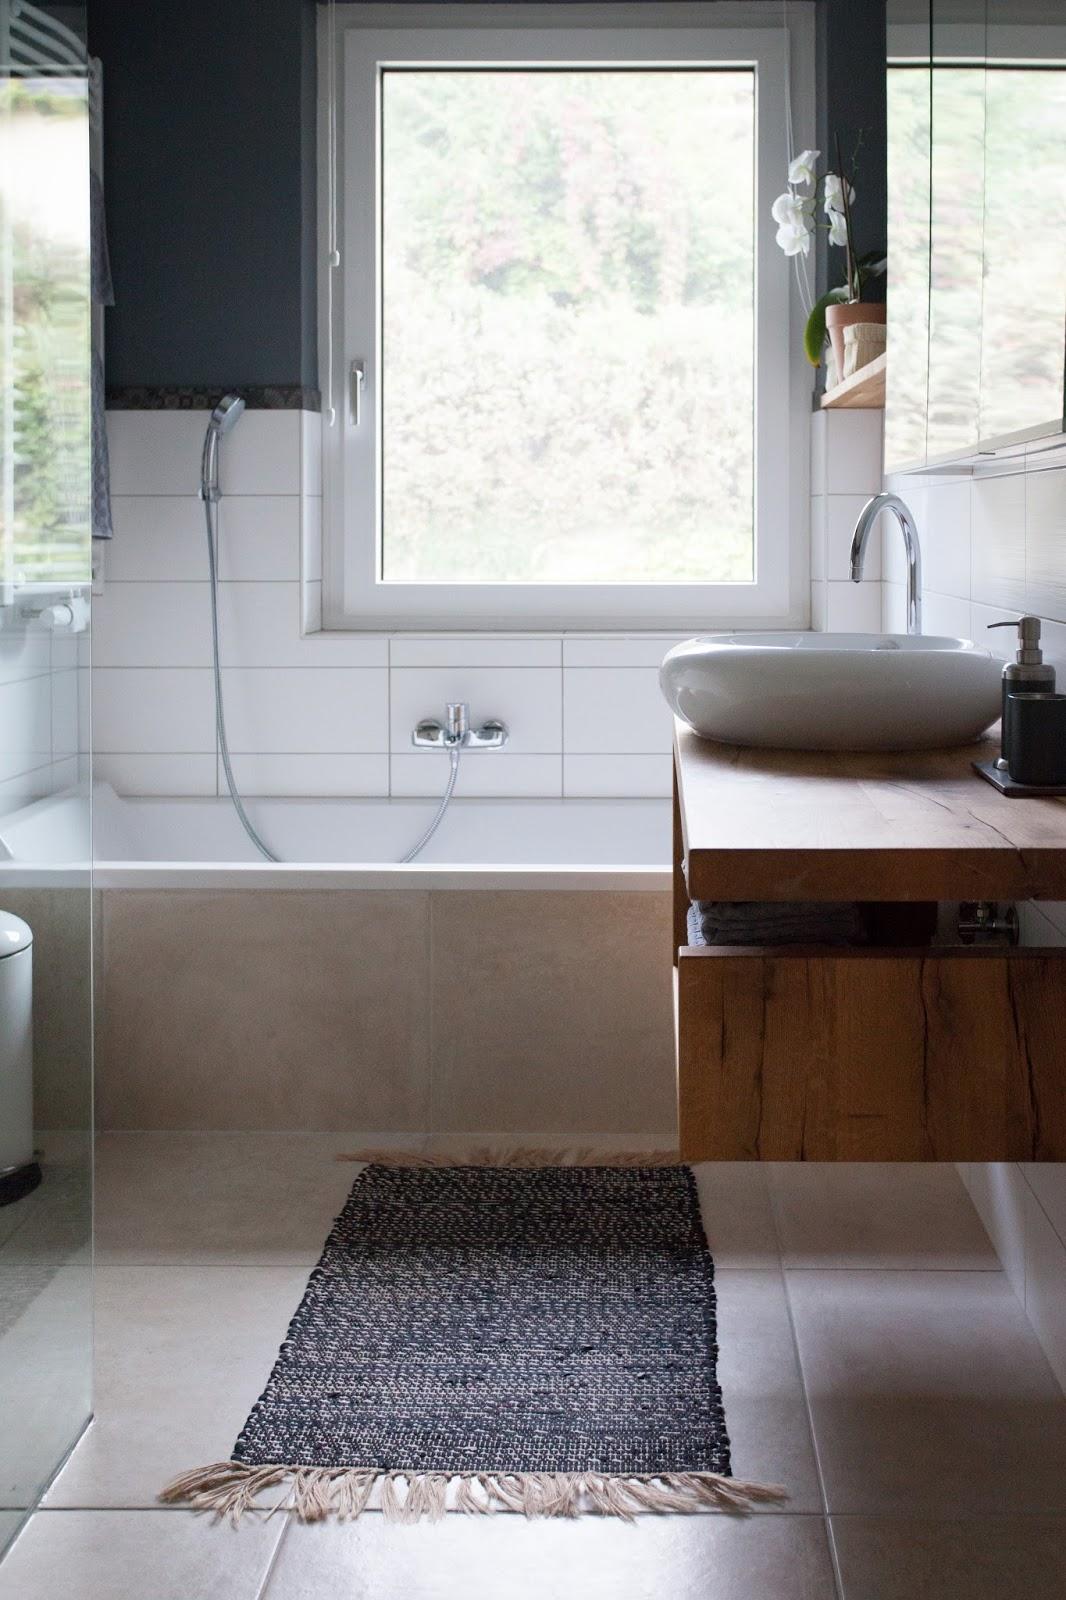 vorher nachher ein neues badezimmer um 4000 euro wohnprojekt wohnblog f r interior diy und. Black Bedroom Furniture Sets. Home Design Ideas